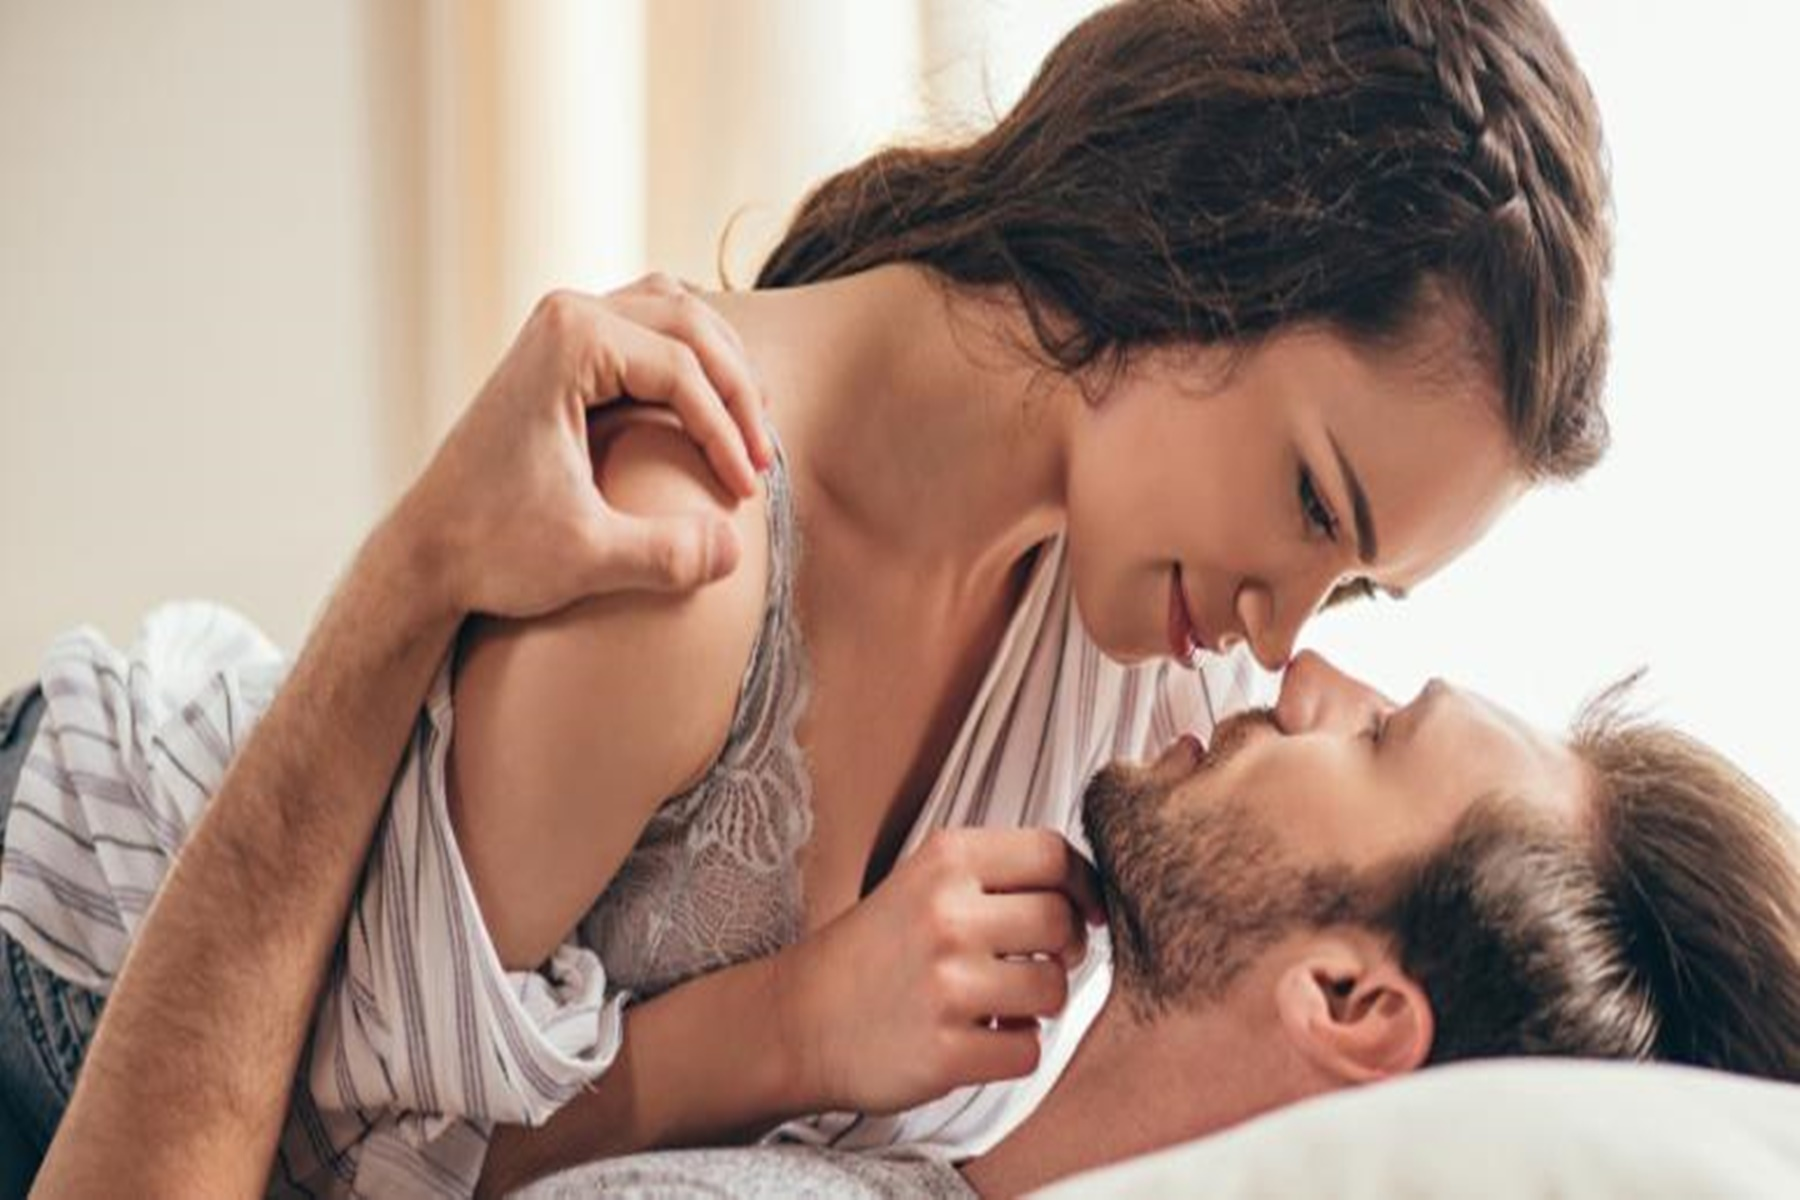 Σεξουαλική υγεία : Το σεξ κάνει καλό στον οργανισμό